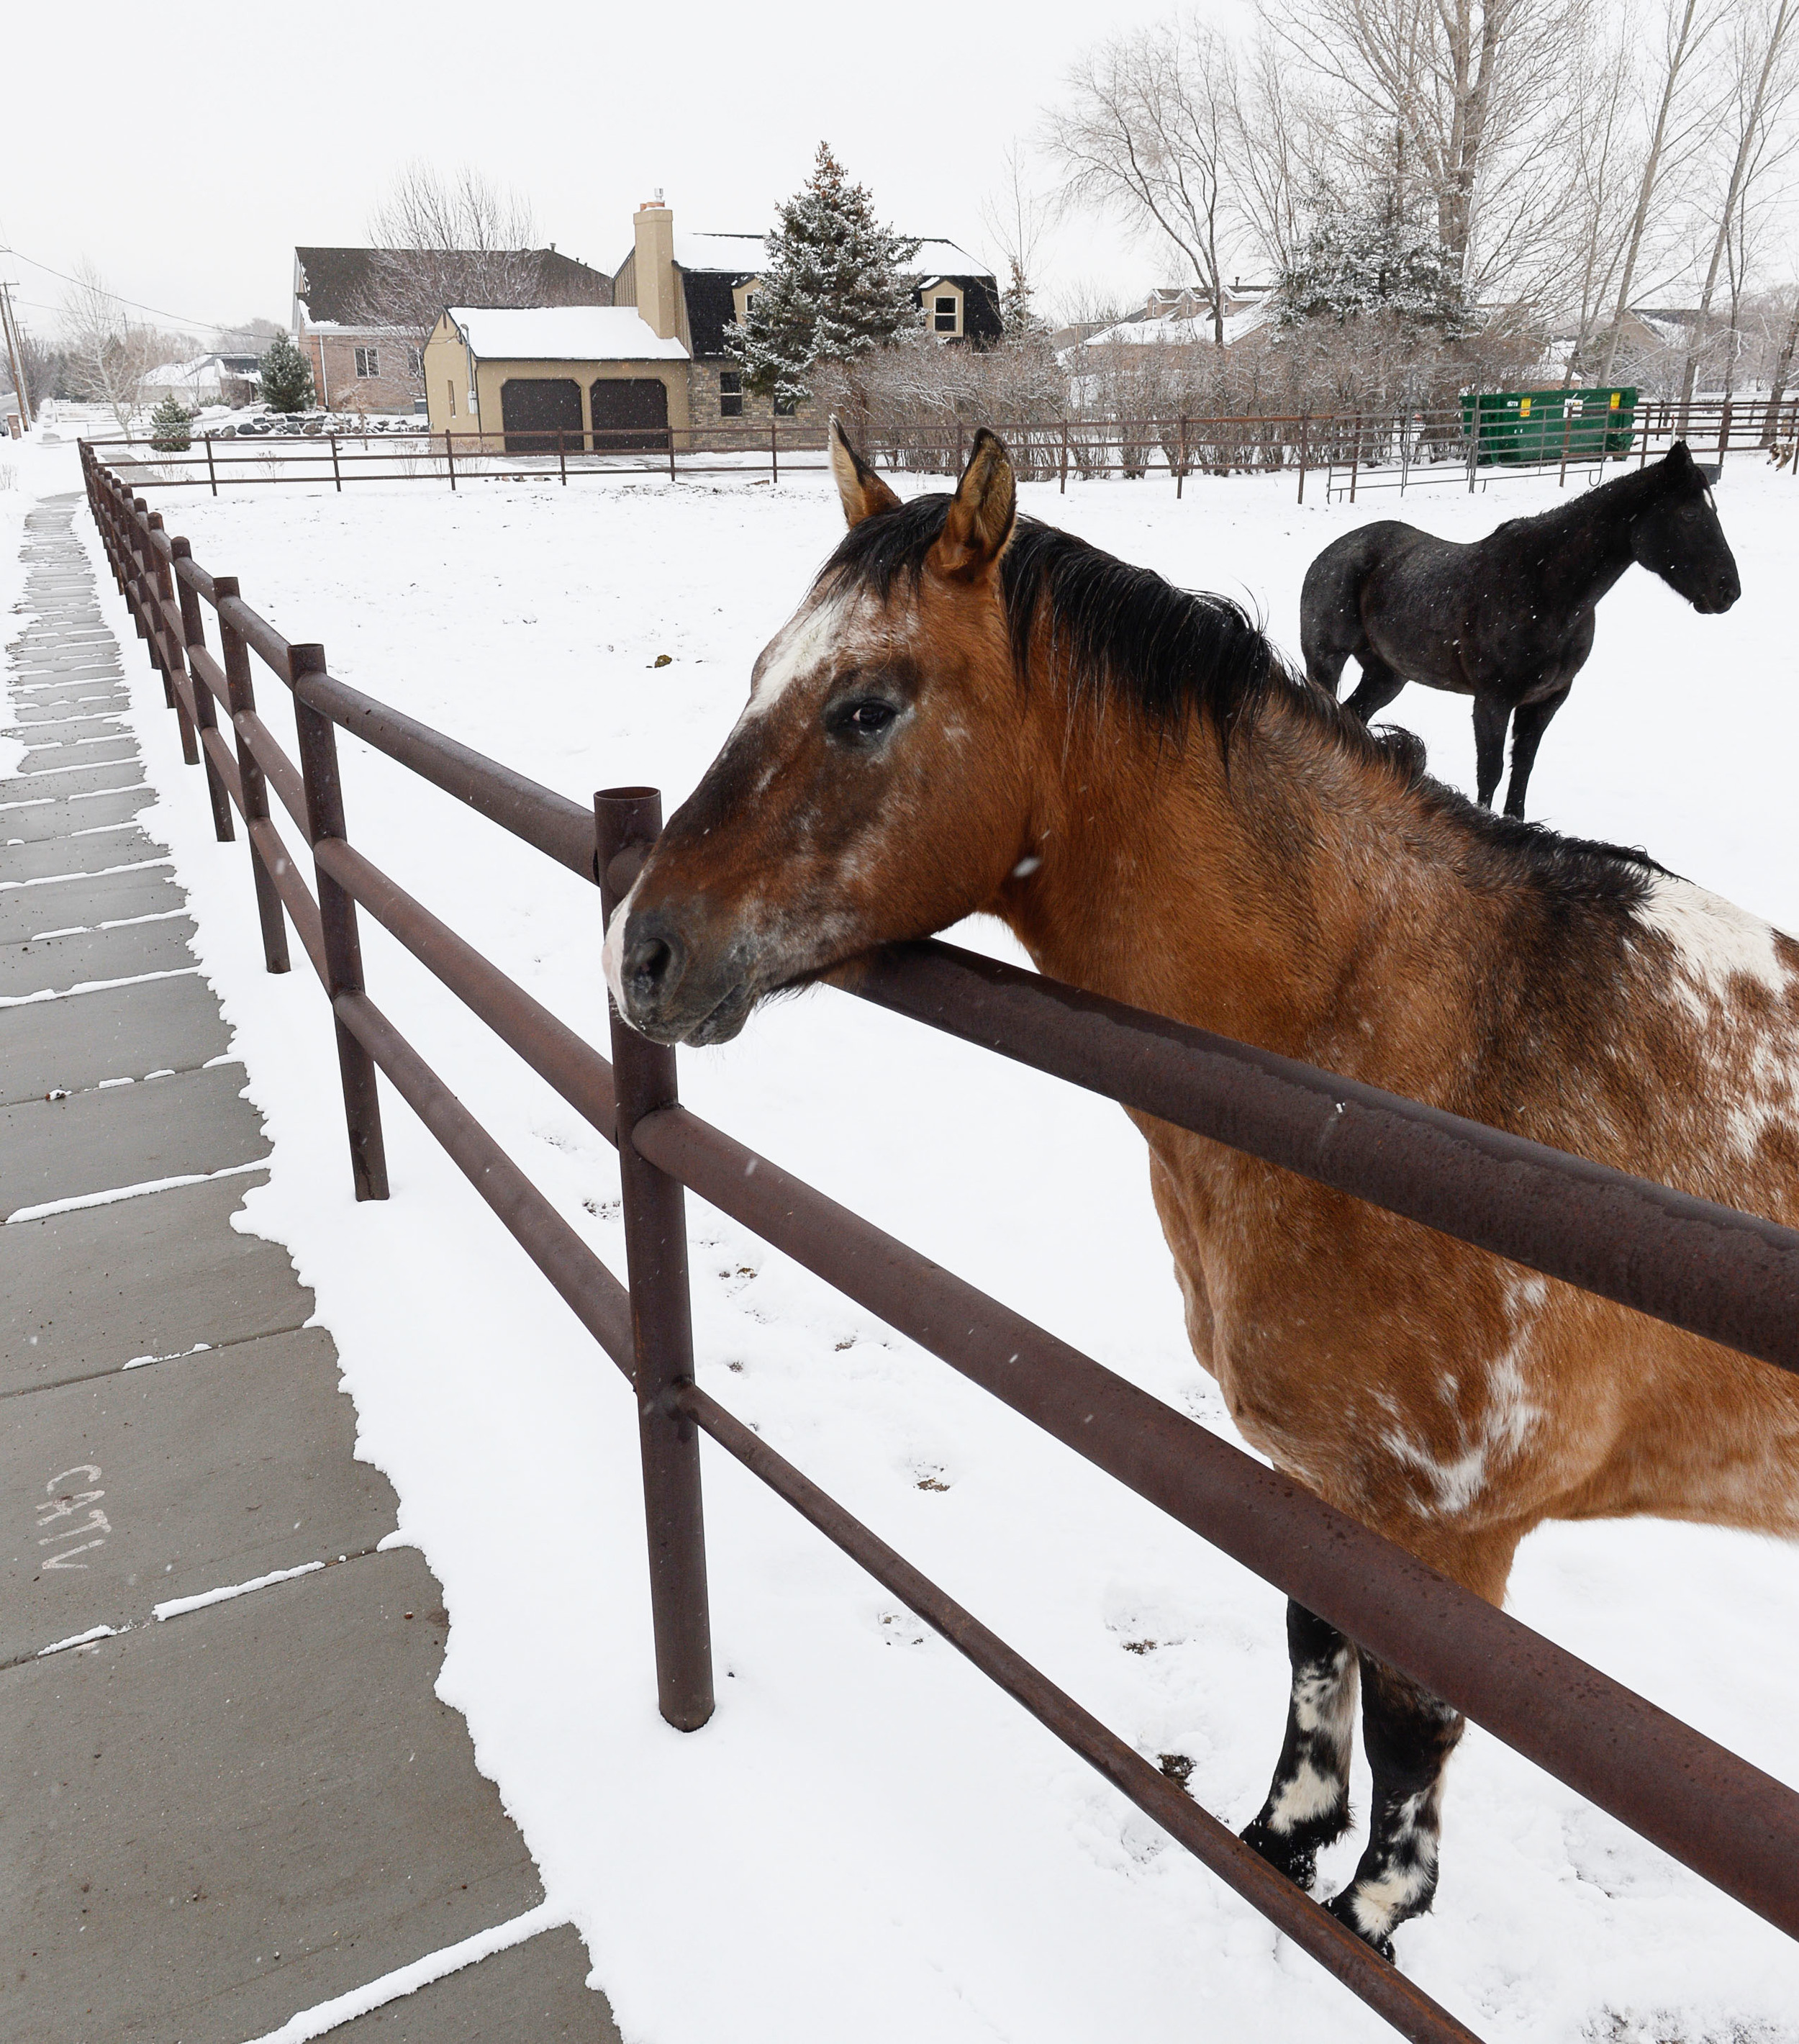 Outside_horses2.jpg